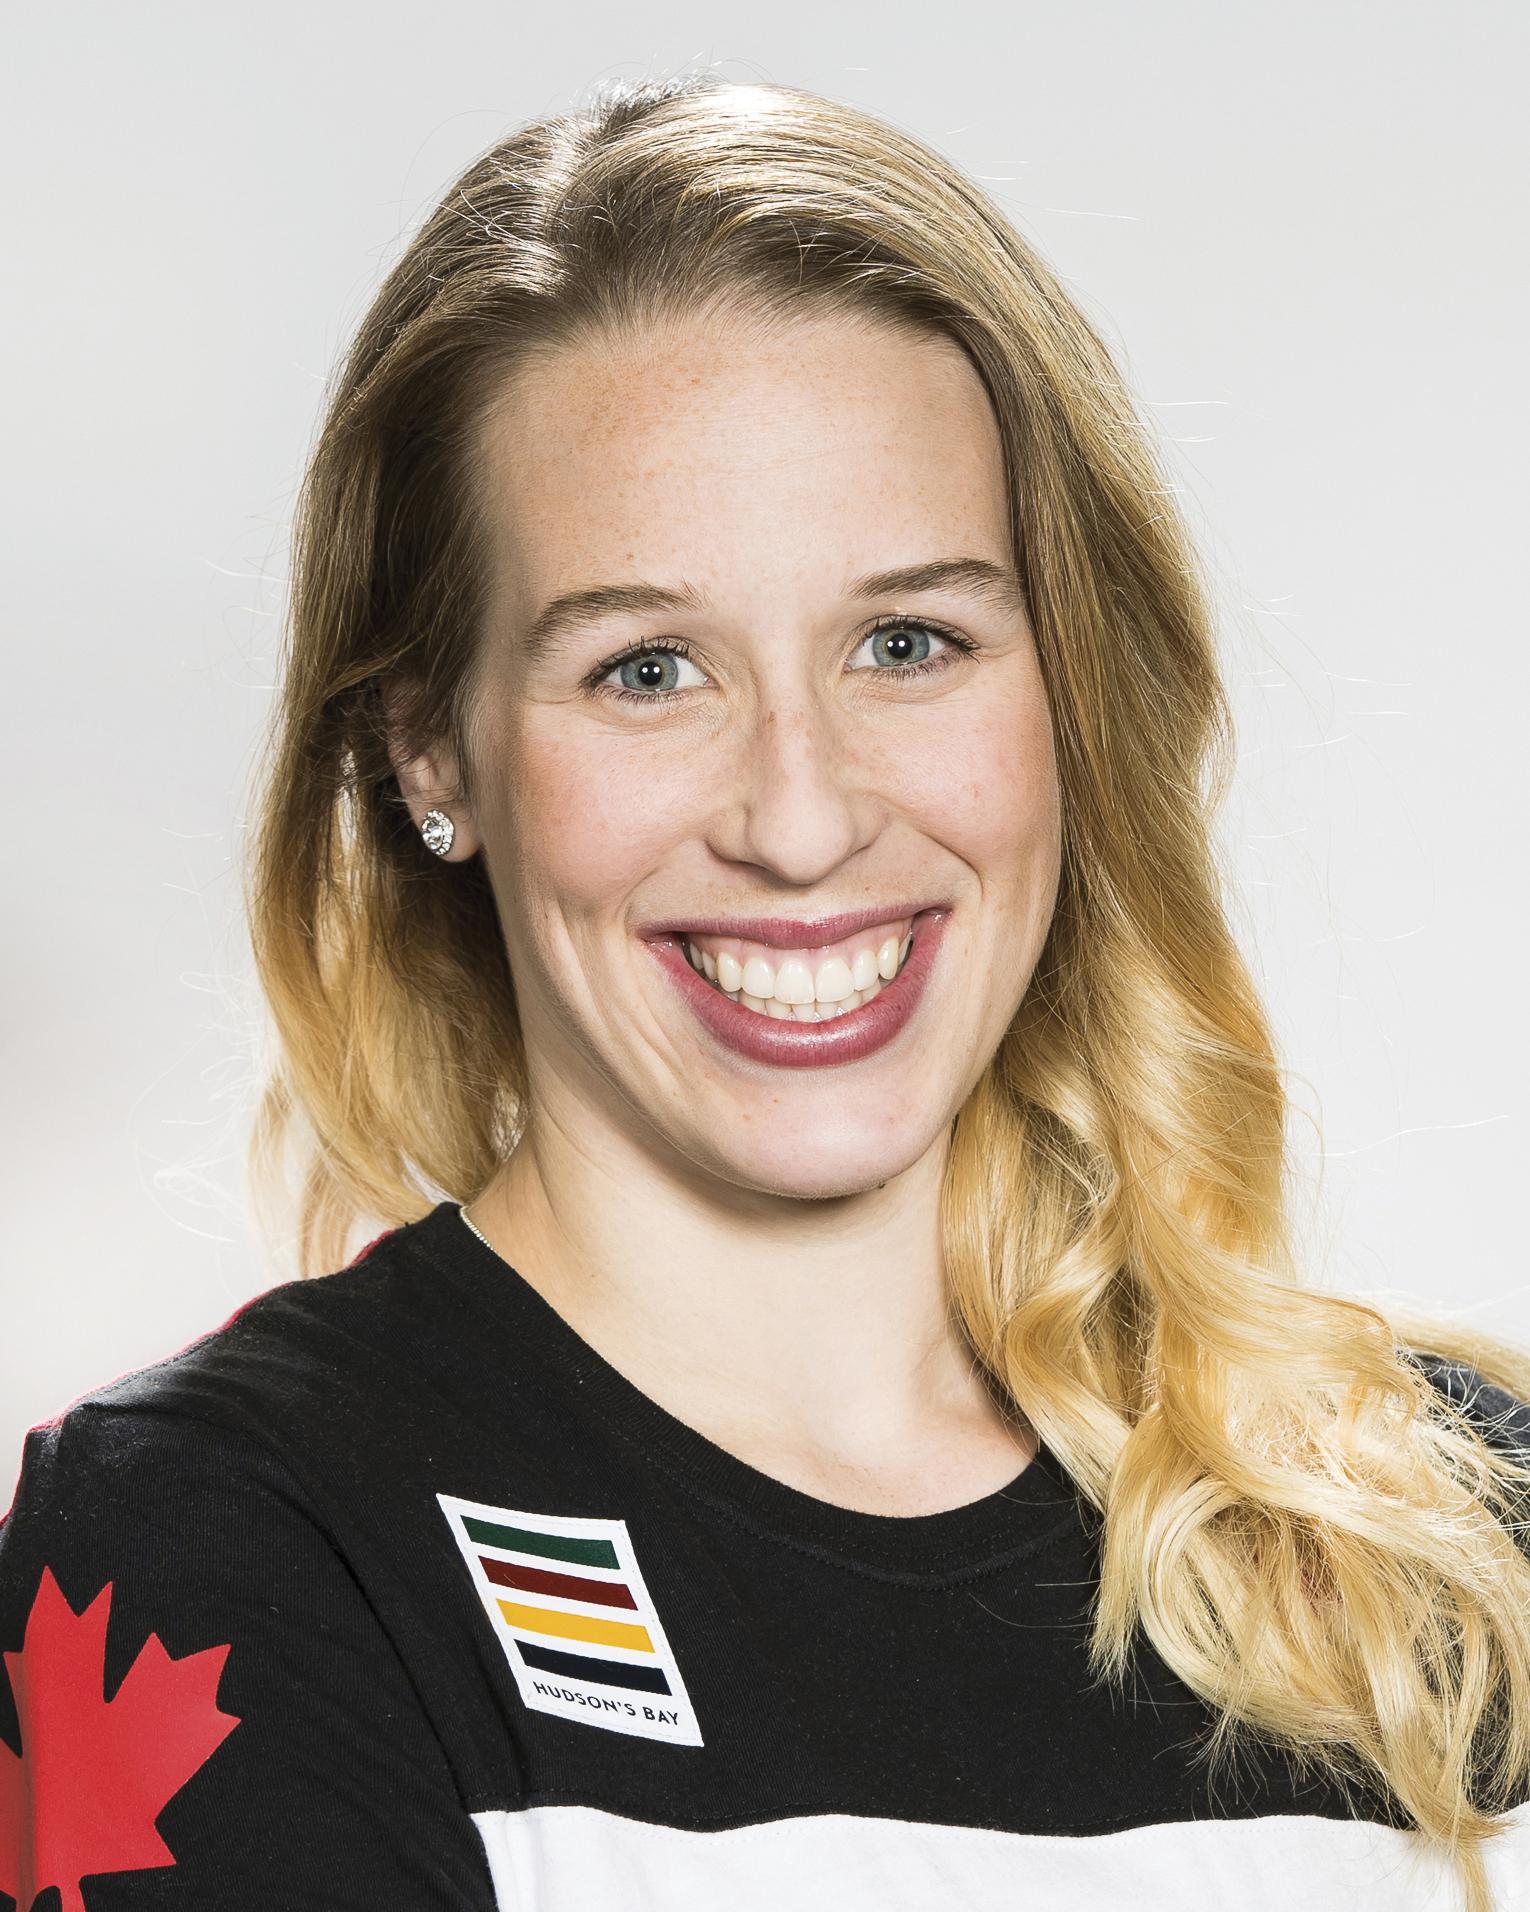 Marianne St-Gelais